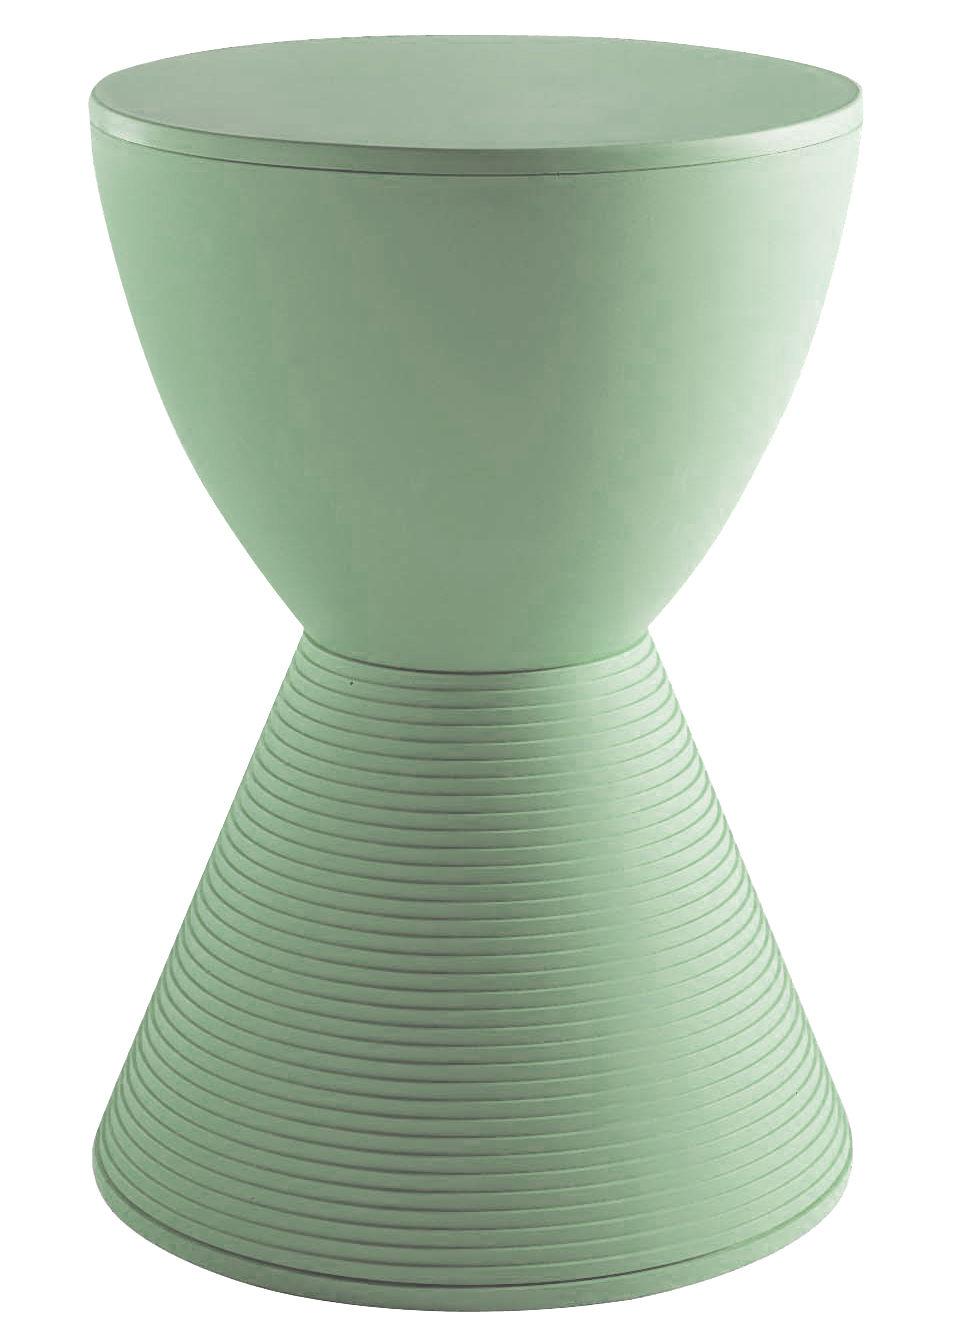 Mobilier - Tabourets bas - Tabouret Prince AHA / Plastique - Kartell - Vert fenouil - Polypropylène